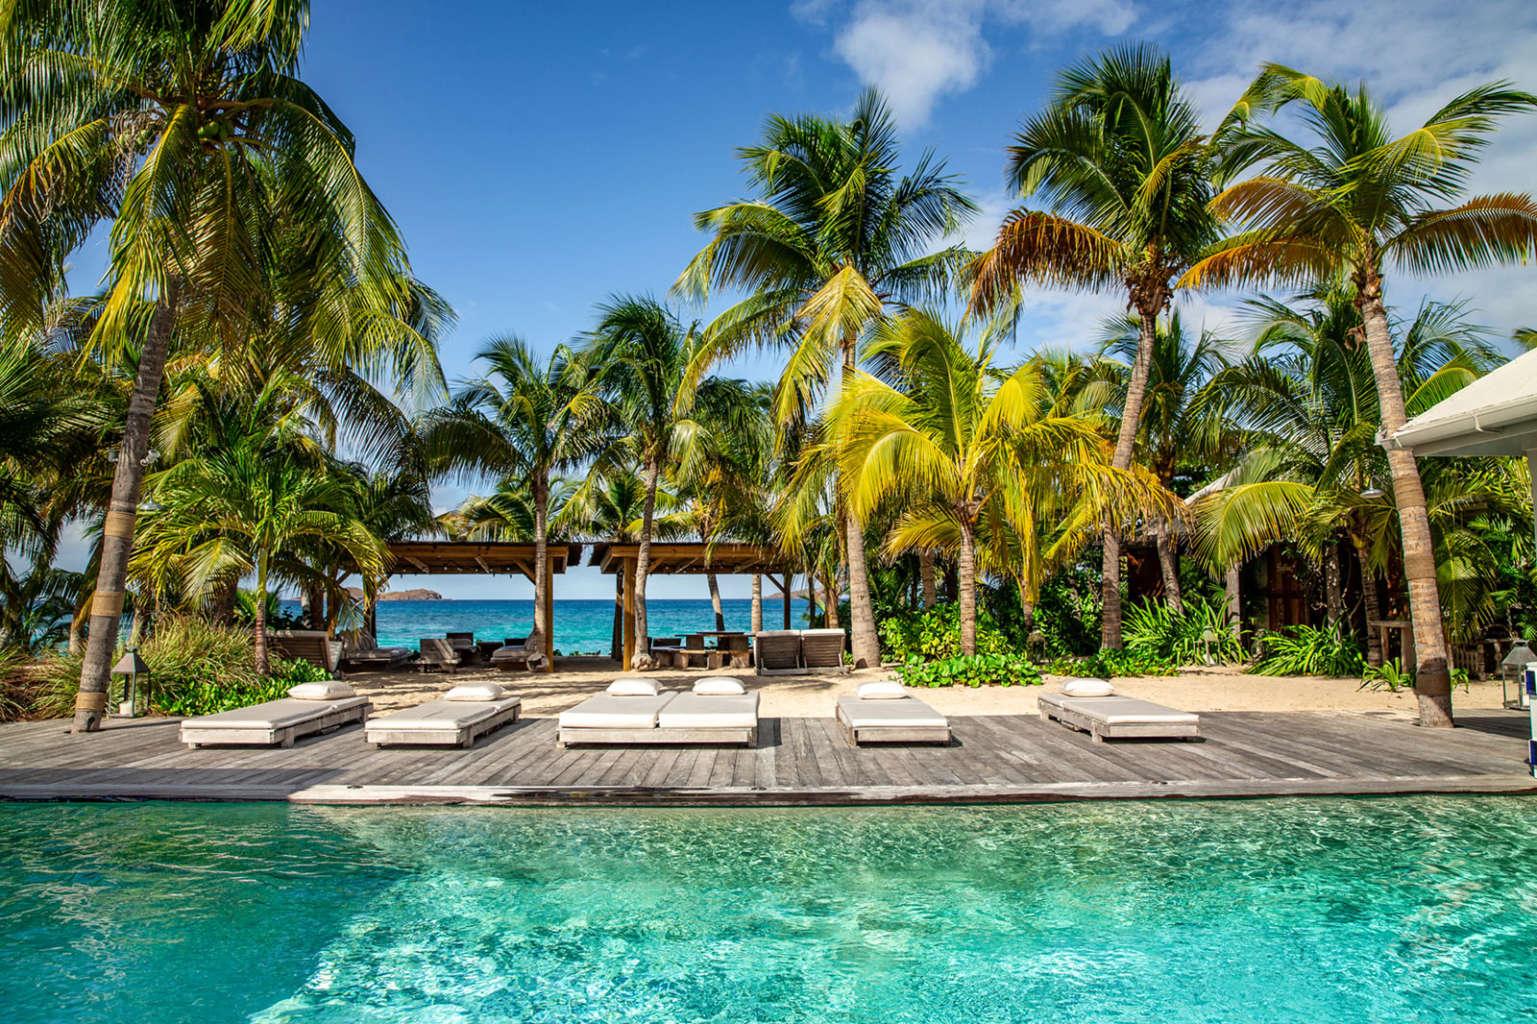 Villa Dei Sogni - 6 Bedroom Villa for Rent St Barth Lorient - Swimming pool